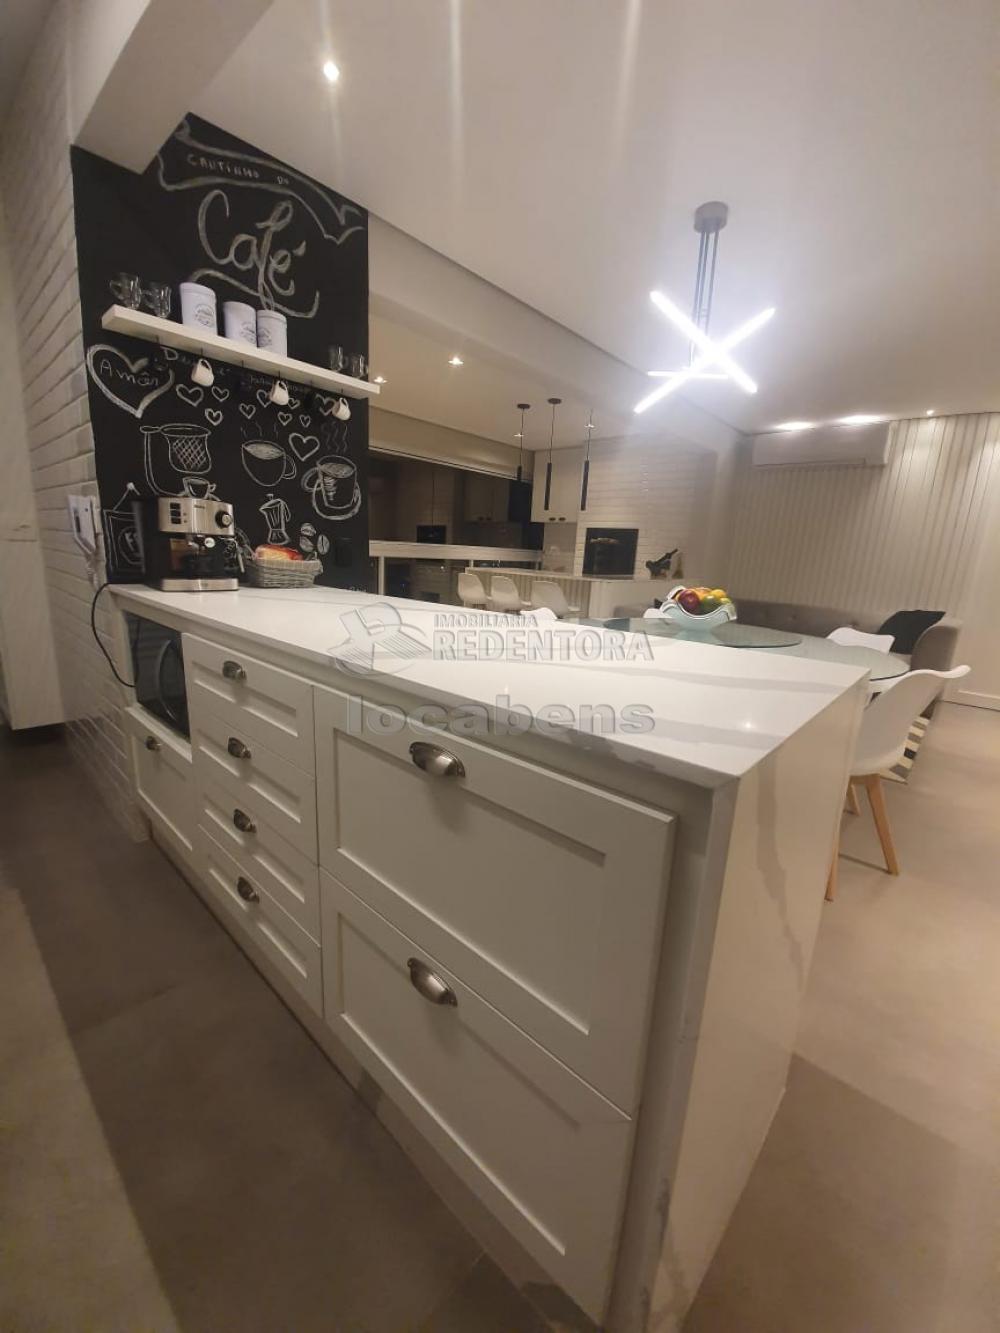 Comprar Apartamento / Padrão em São José do Rio Preto apenas R$ 1.050.000,00 - Foto 26